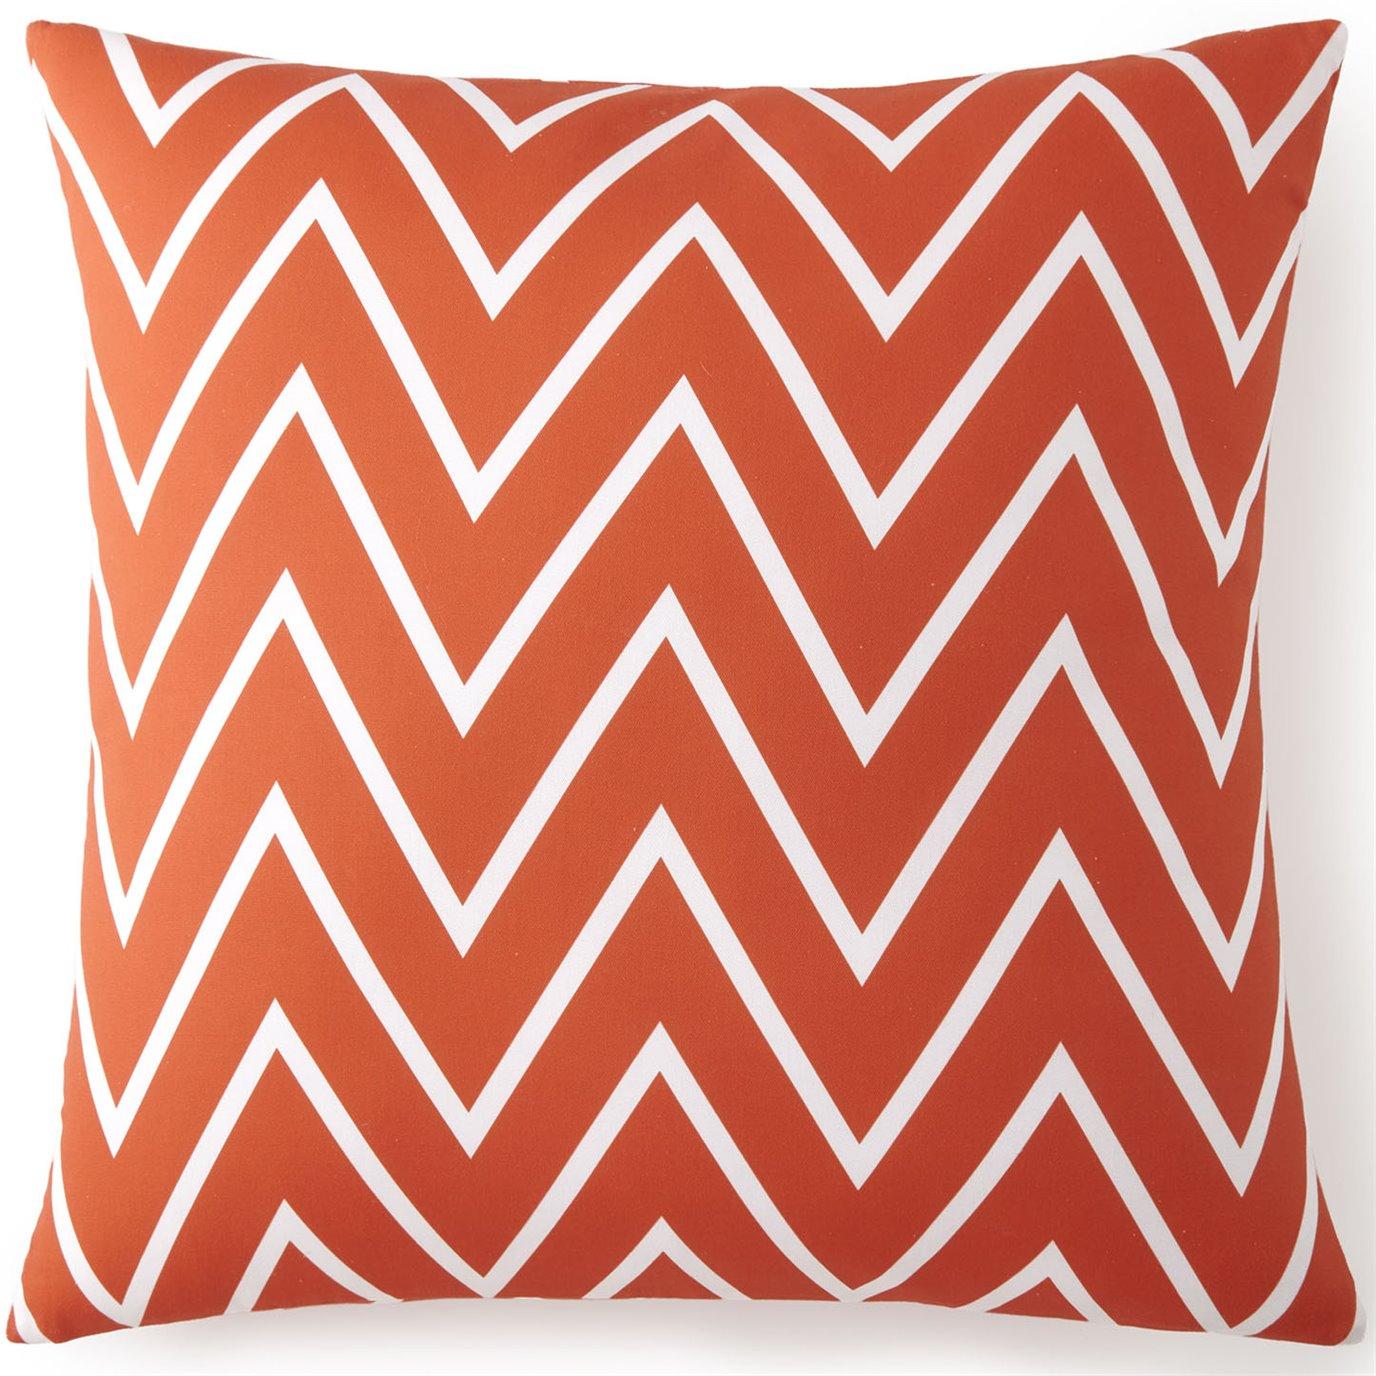 Flamingo Palms Euro Sham - Orange Zigzag